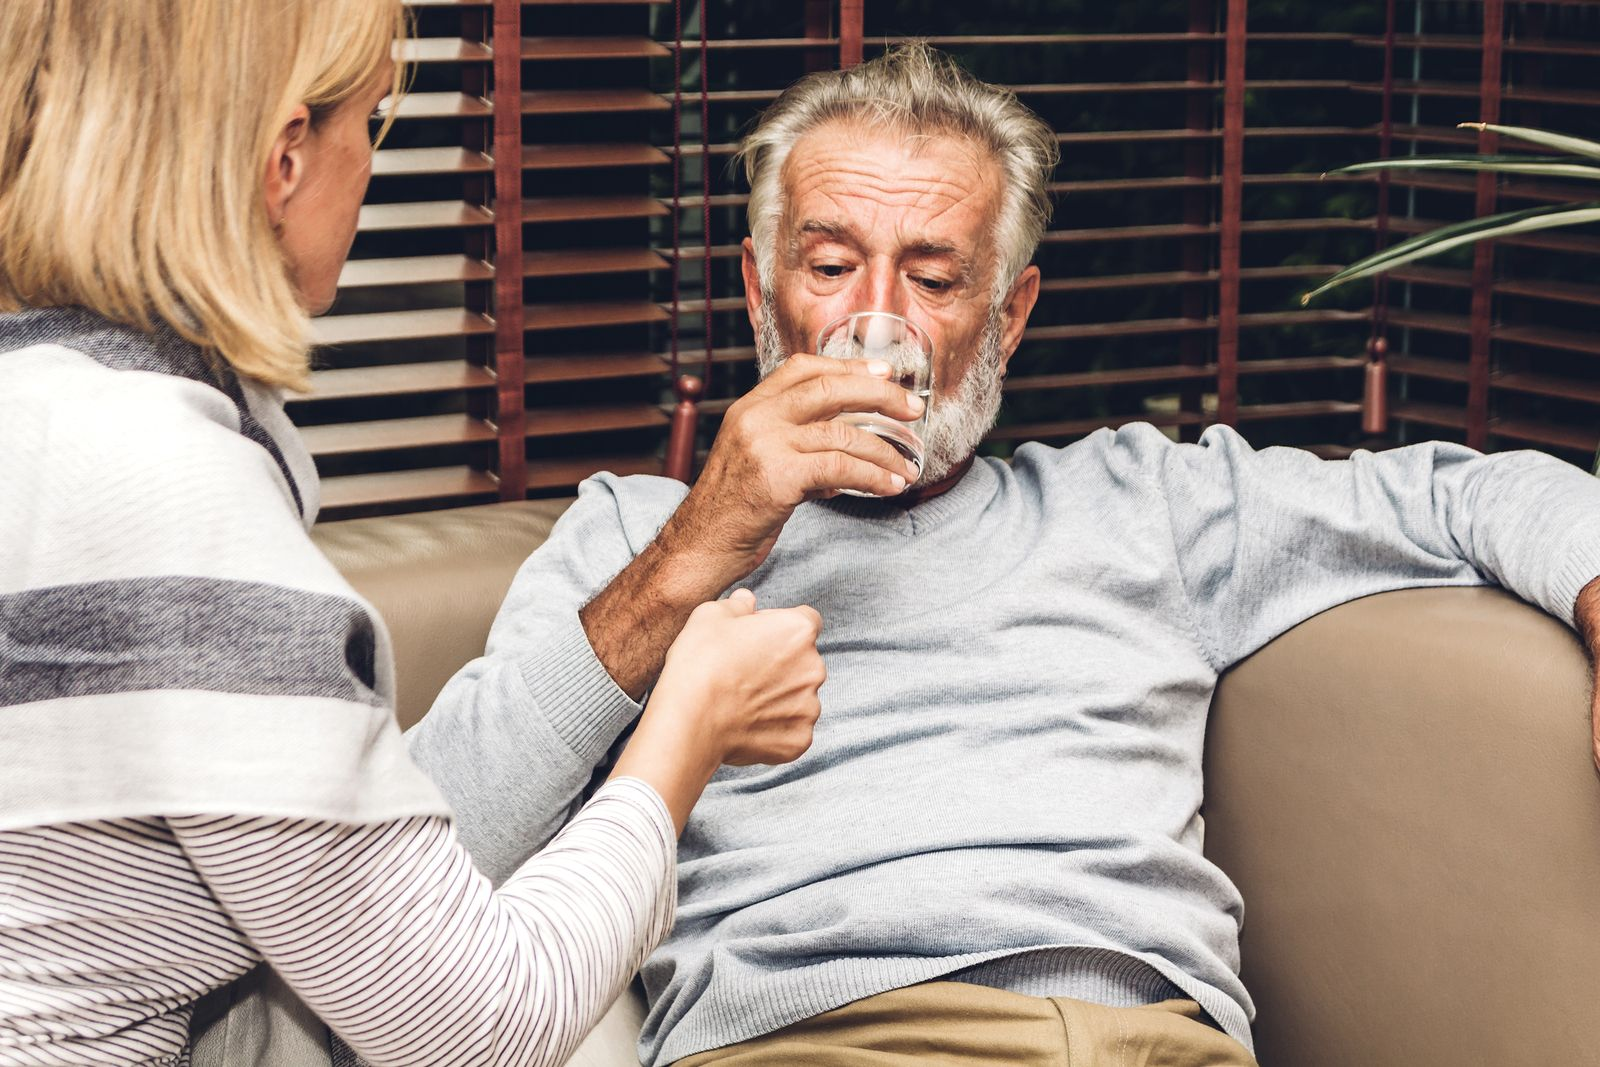 tratamiento farmacologico de la diabetes insipida